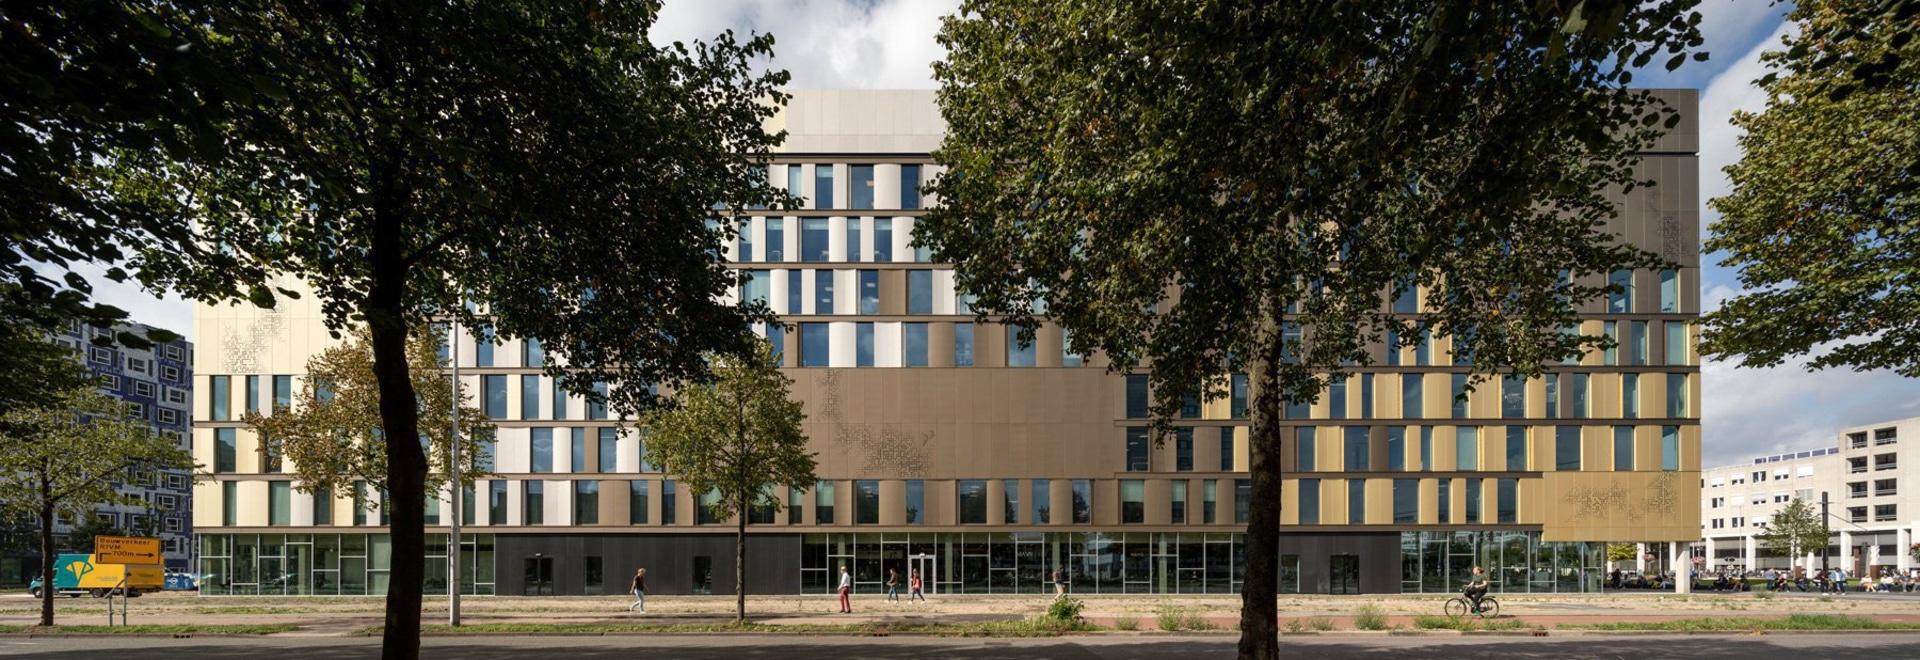 le marteau Lassen de Schmidt relie les équipements de l'université néerlandaise aux escaliers de entrecroisement